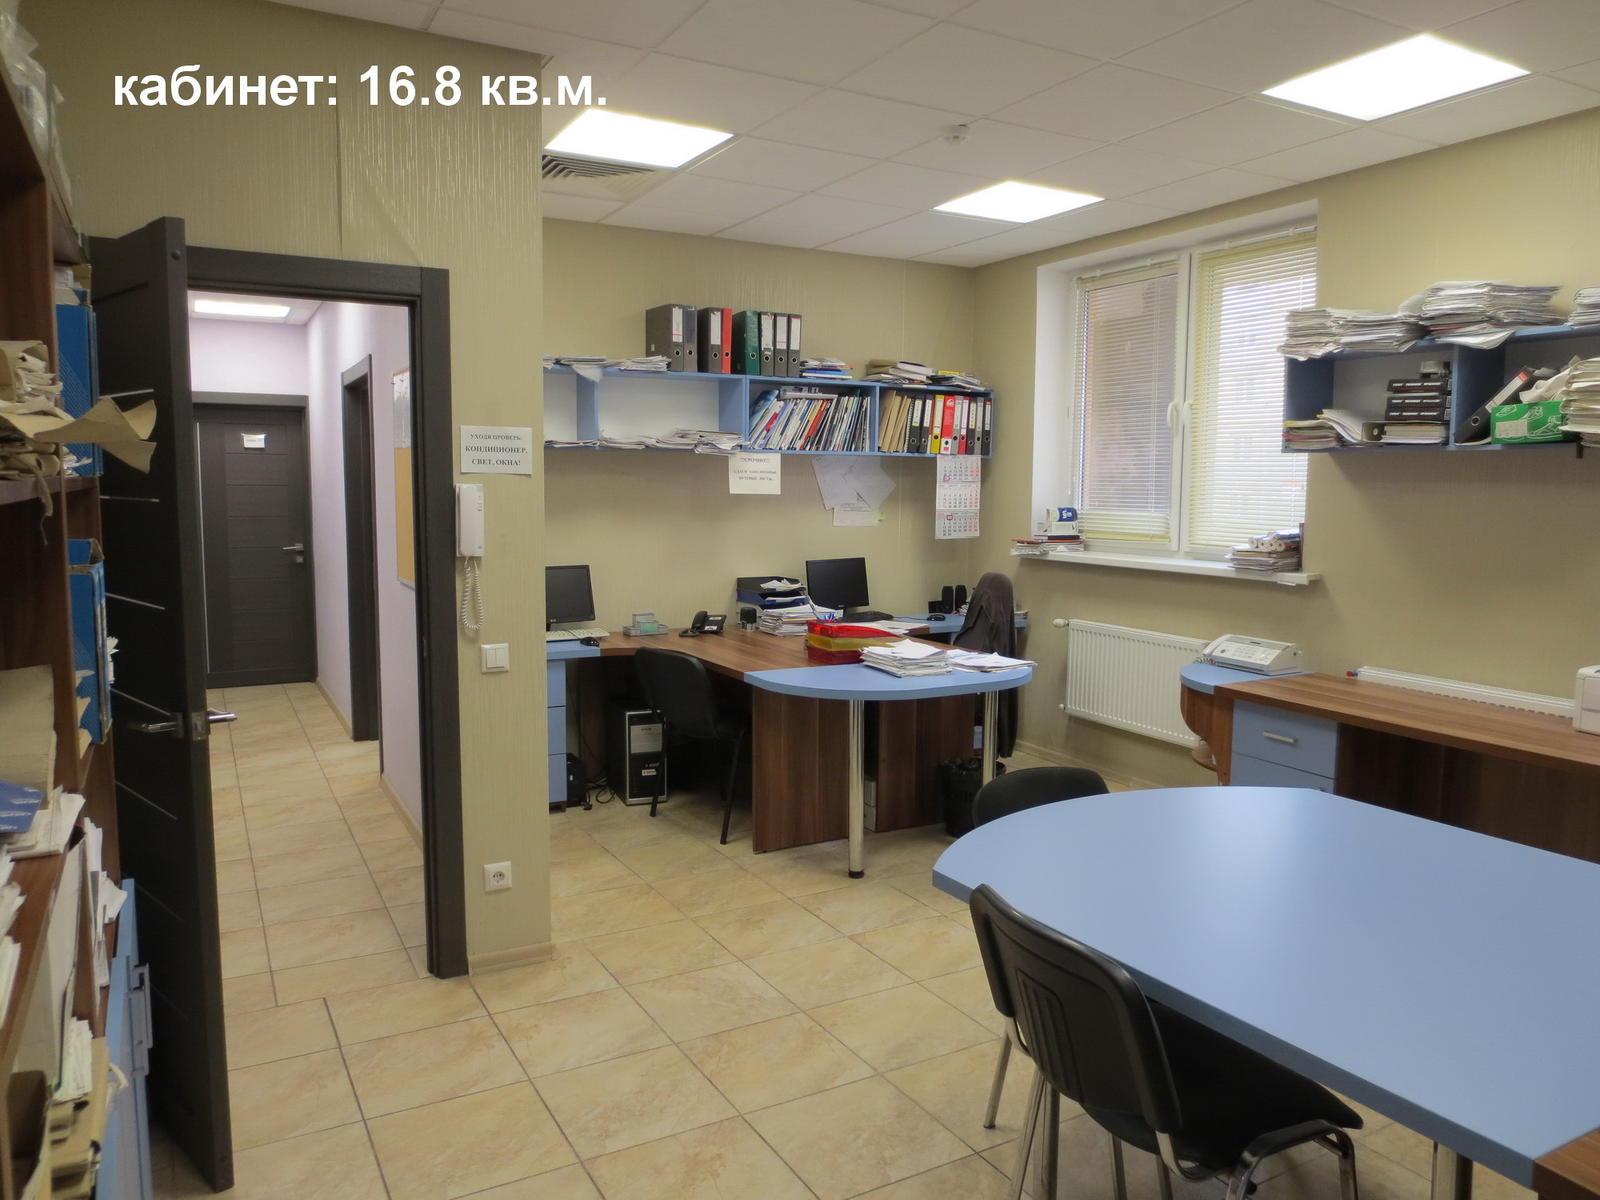 Продажа торгового помещения на ул. Одоевского, д. 115/А в Минске - фото 2